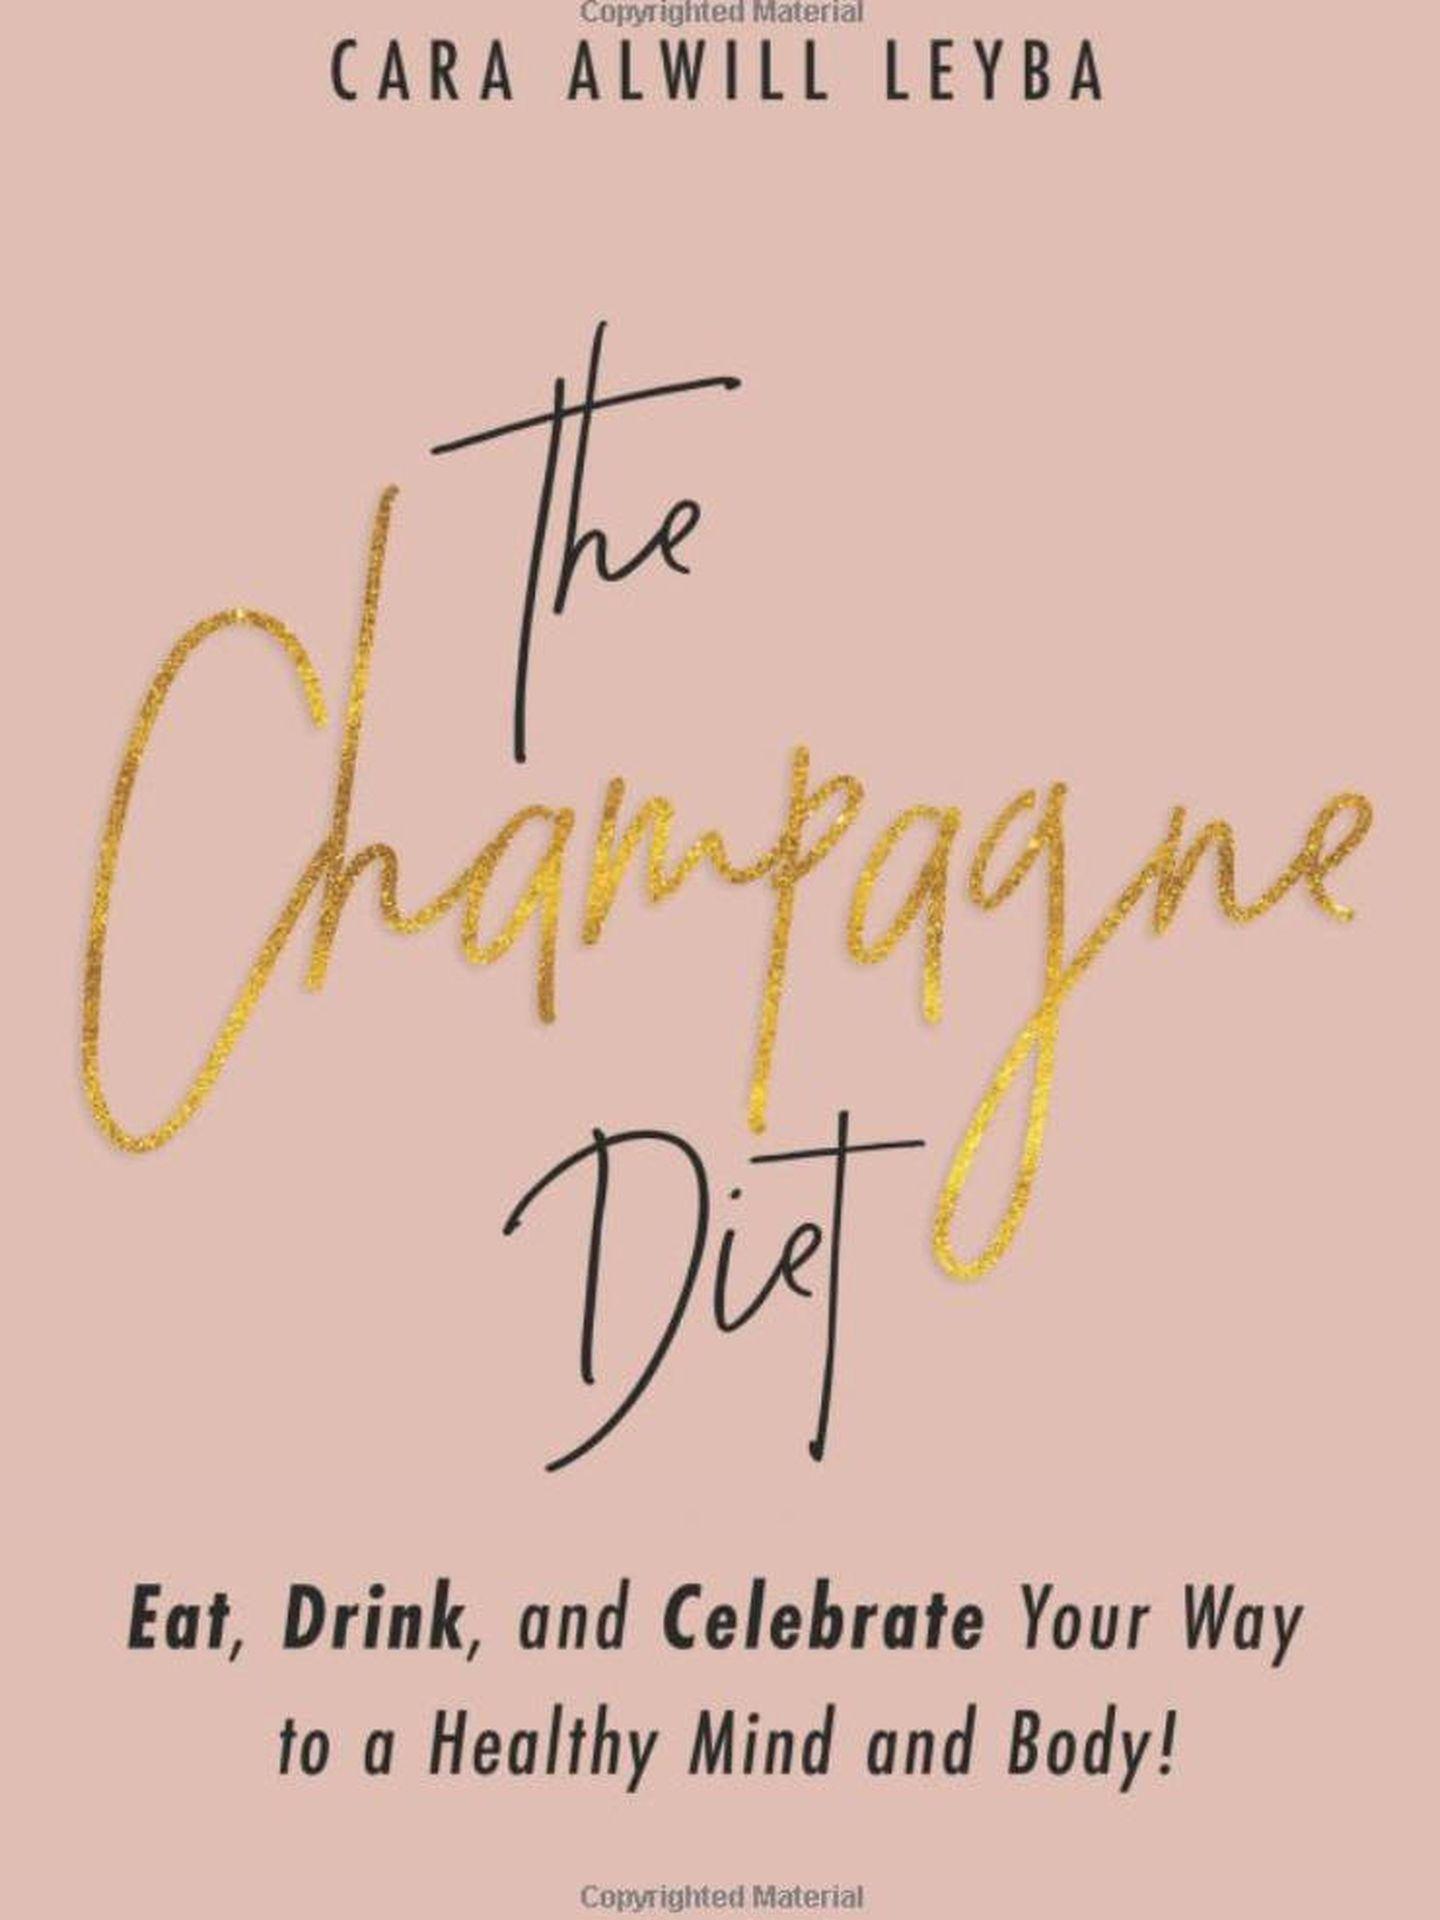 El libro de Cara Alwill Leyba 'La dieta del champán'